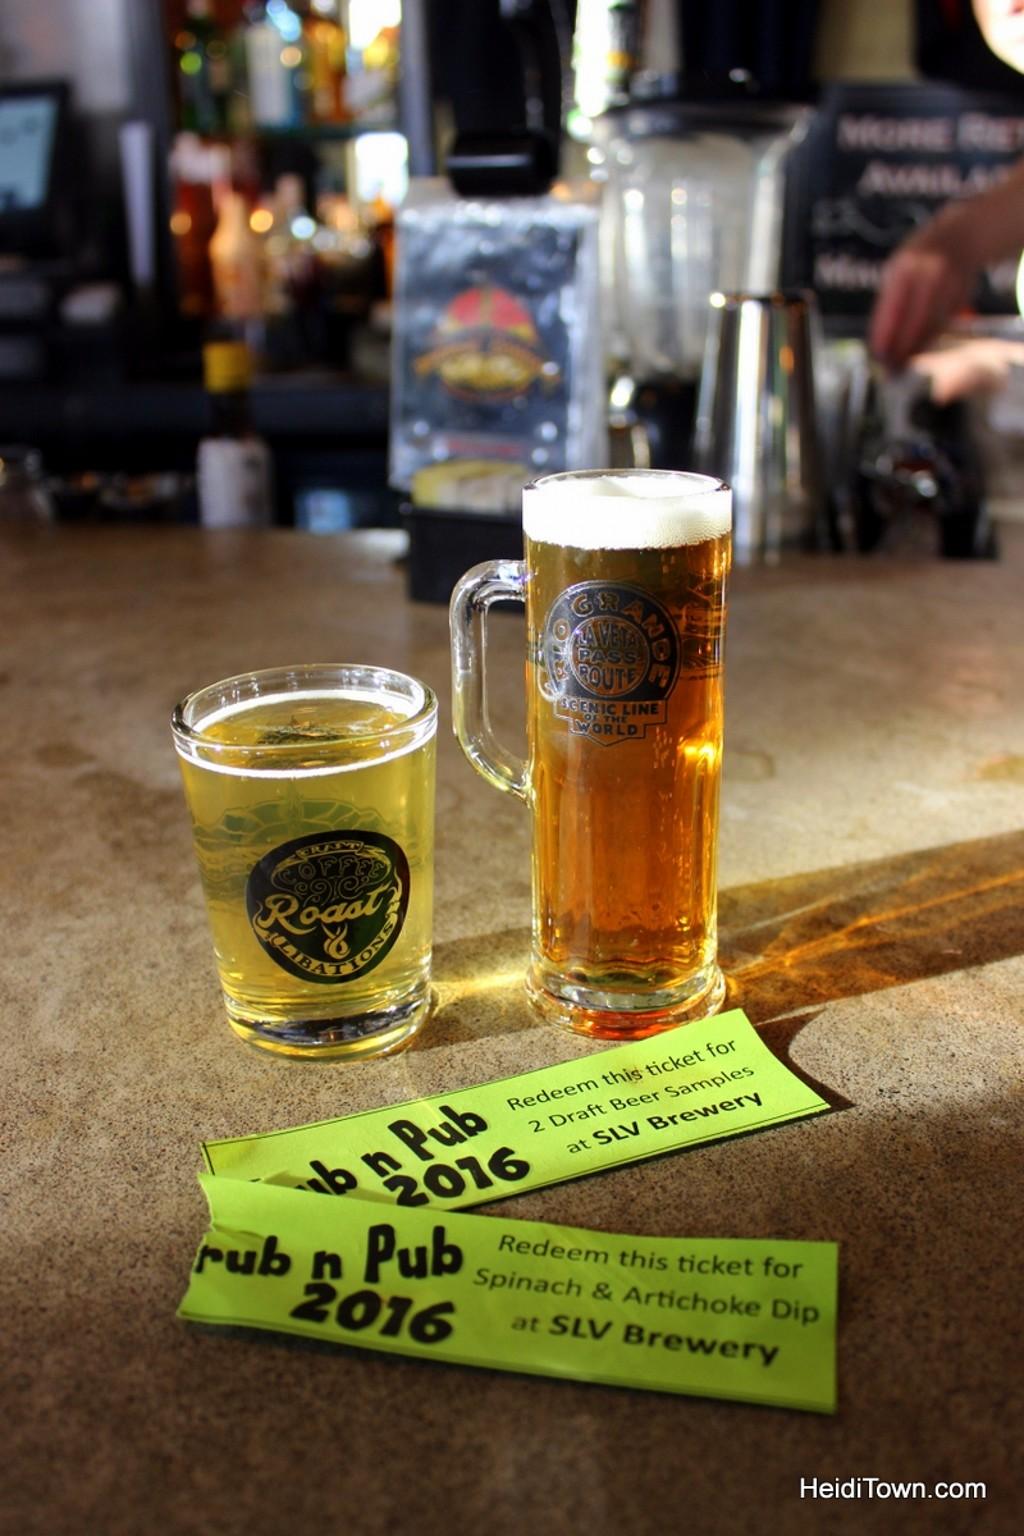 Grub & Pub in Alamosa during Rio Frio Ice Fest. HeidiTown.com